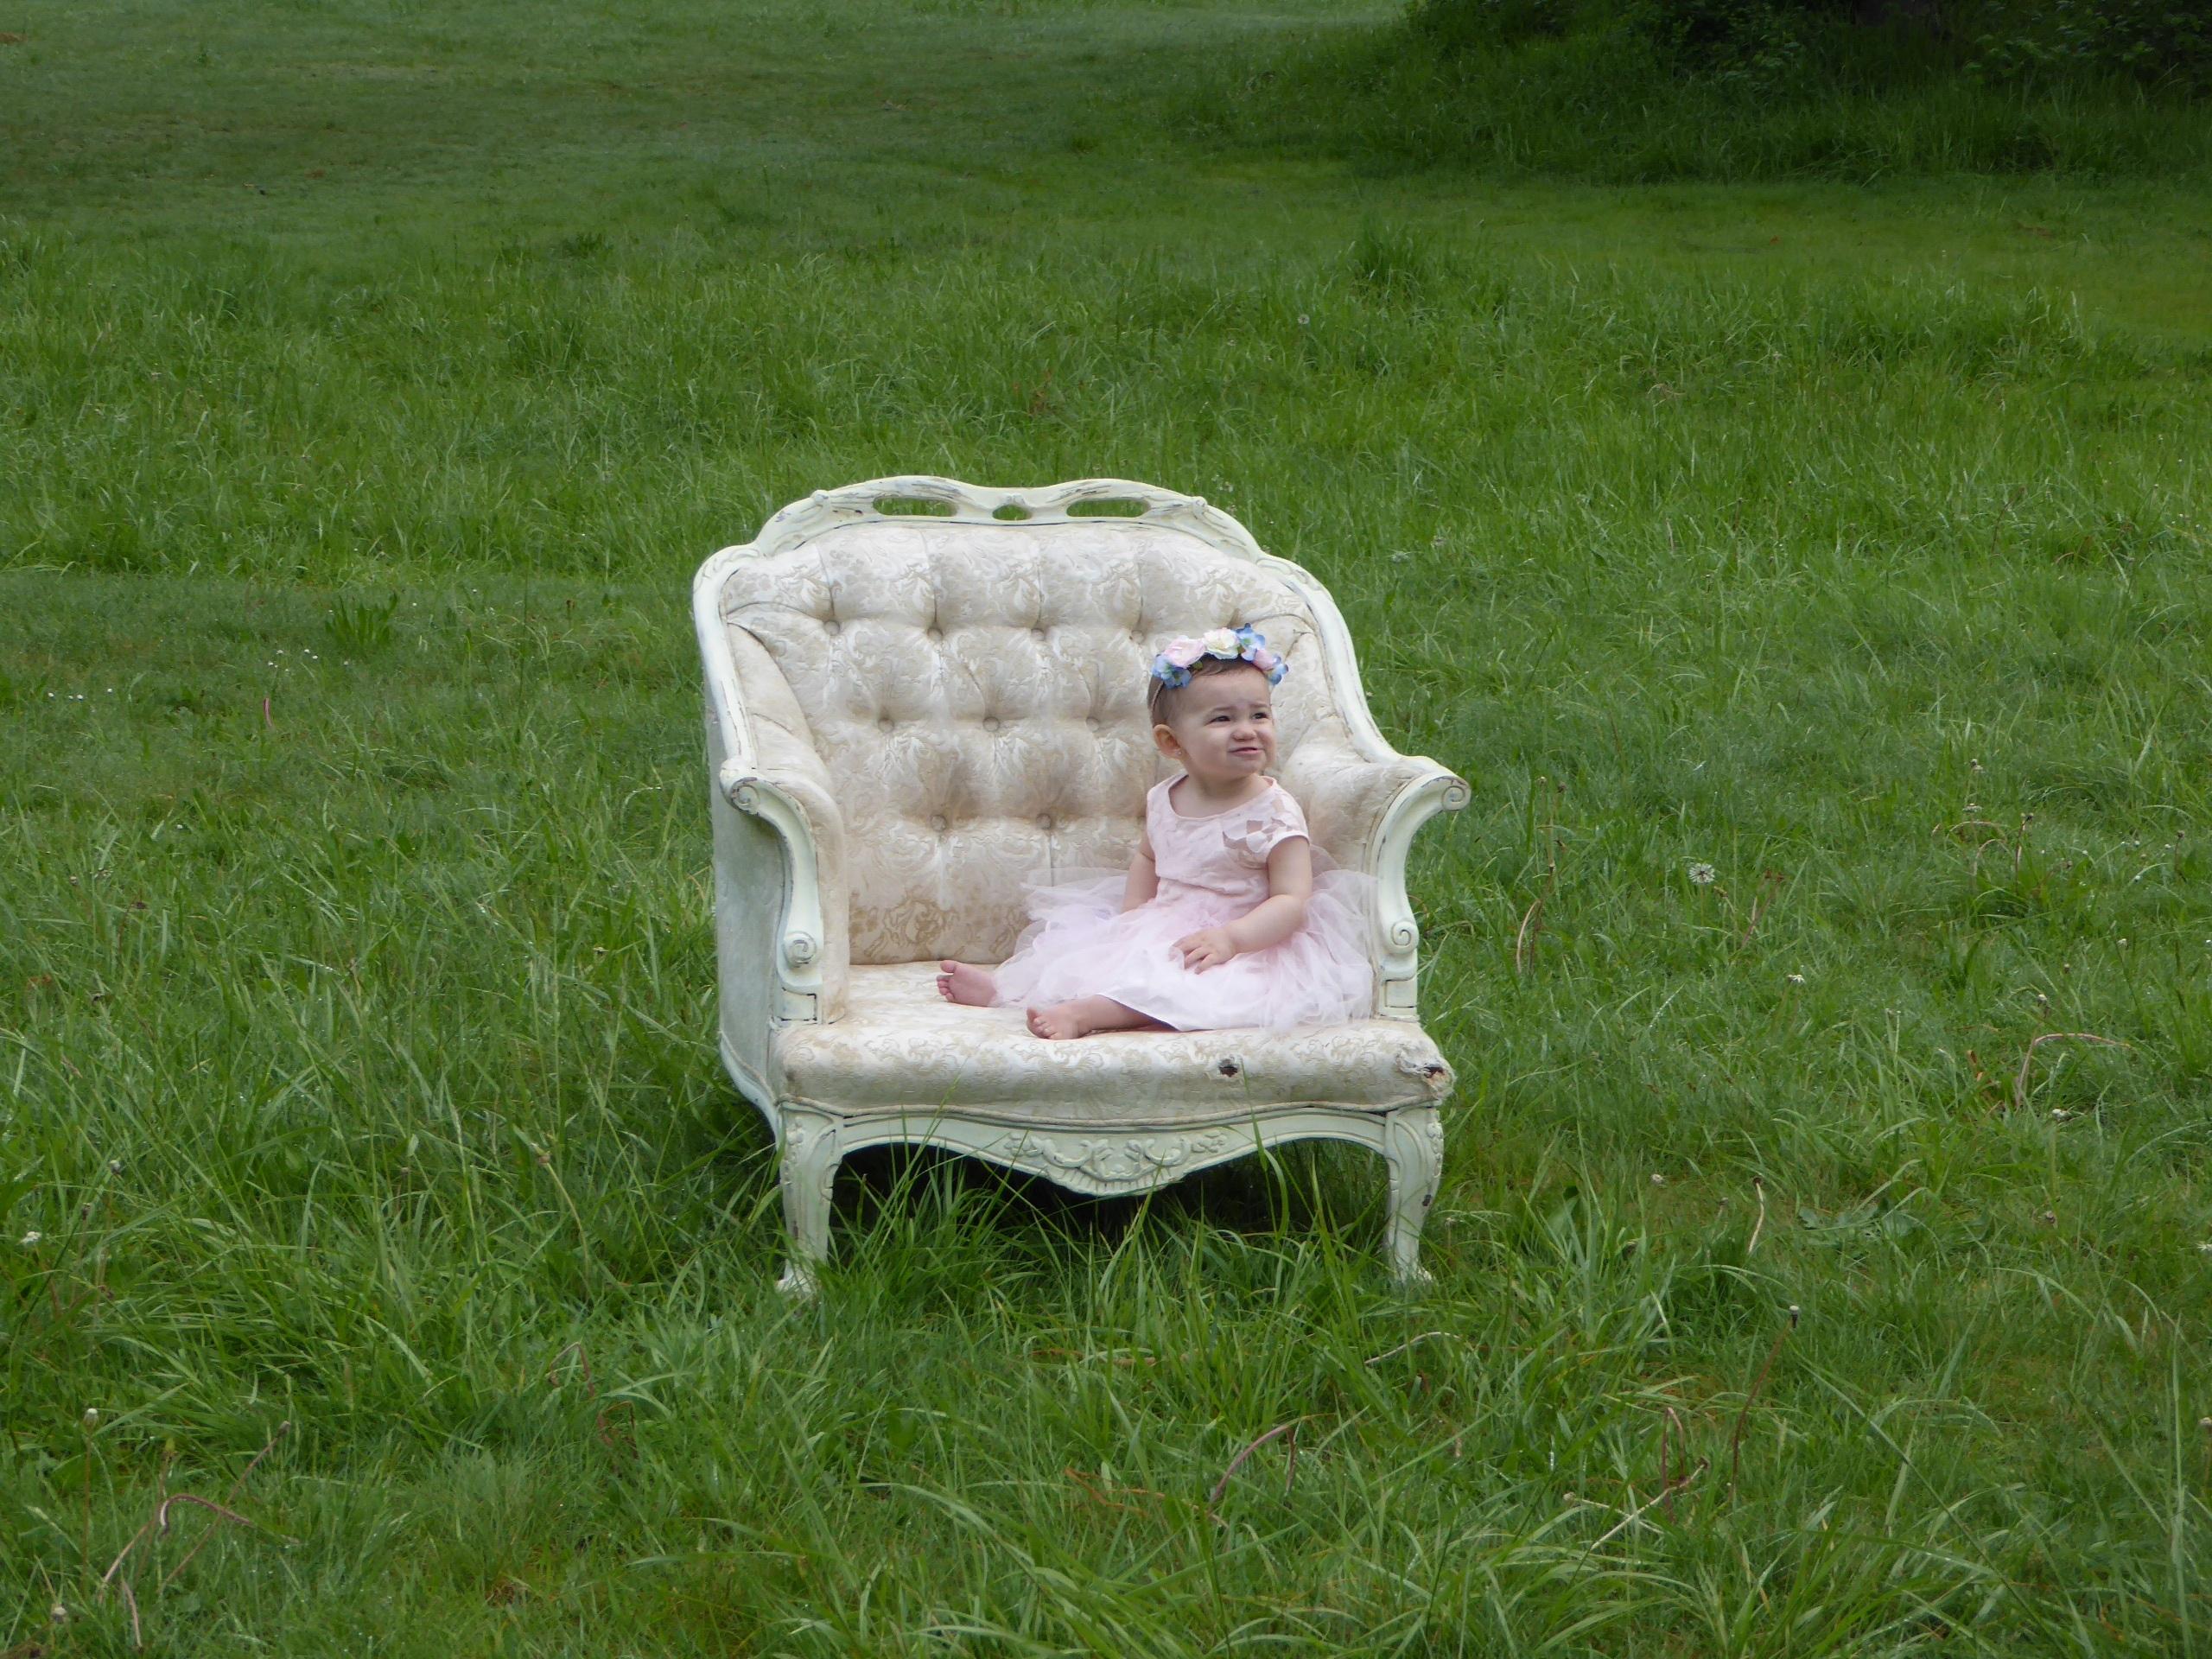 Stoel Voor Kind : Gratis afbeeldingen gras meisje wit gazon weide stoel kind